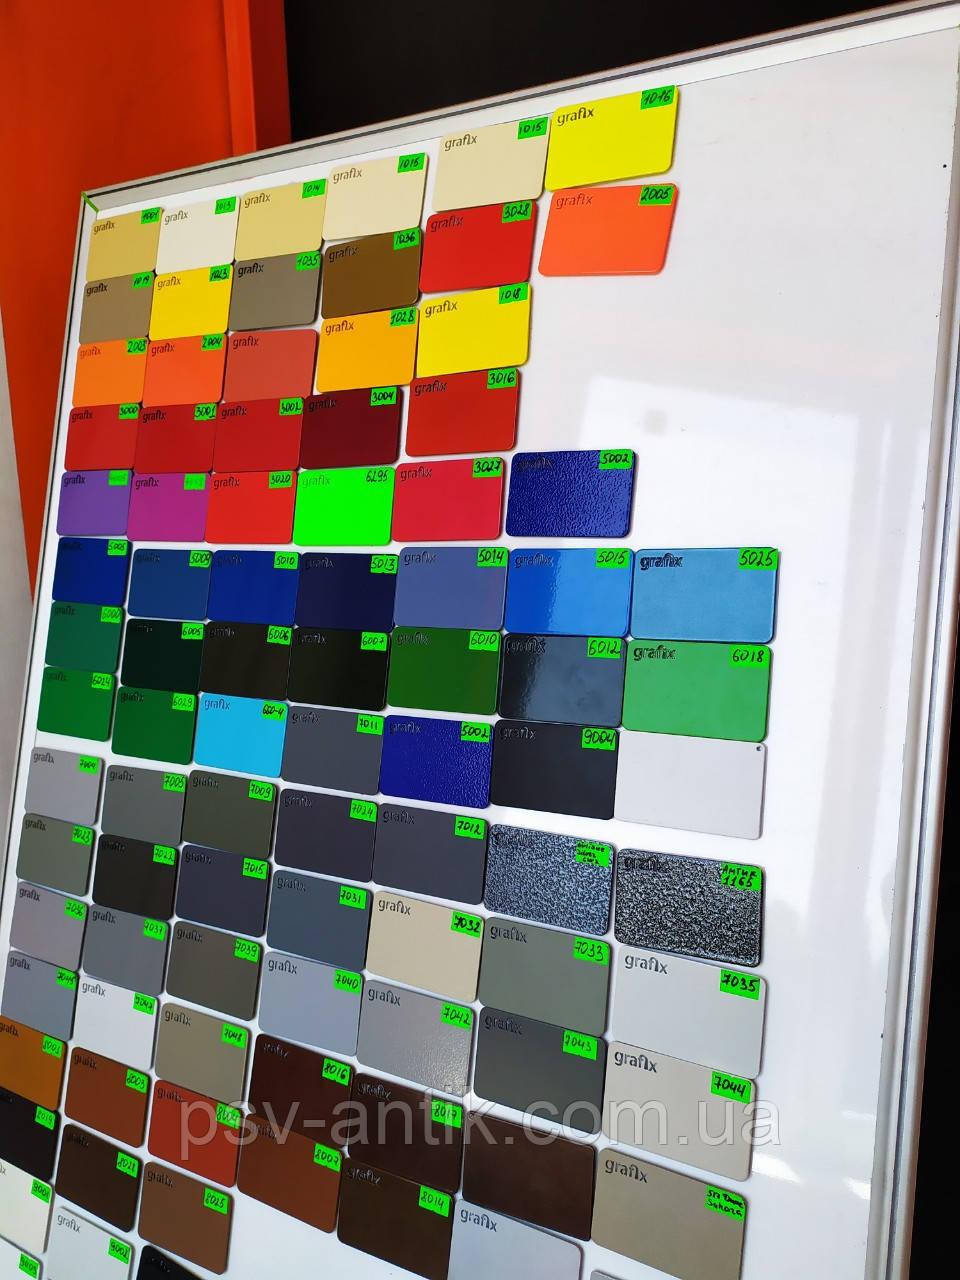 Порошковая краска матовая, полиэфирная, архитектурная, 7022